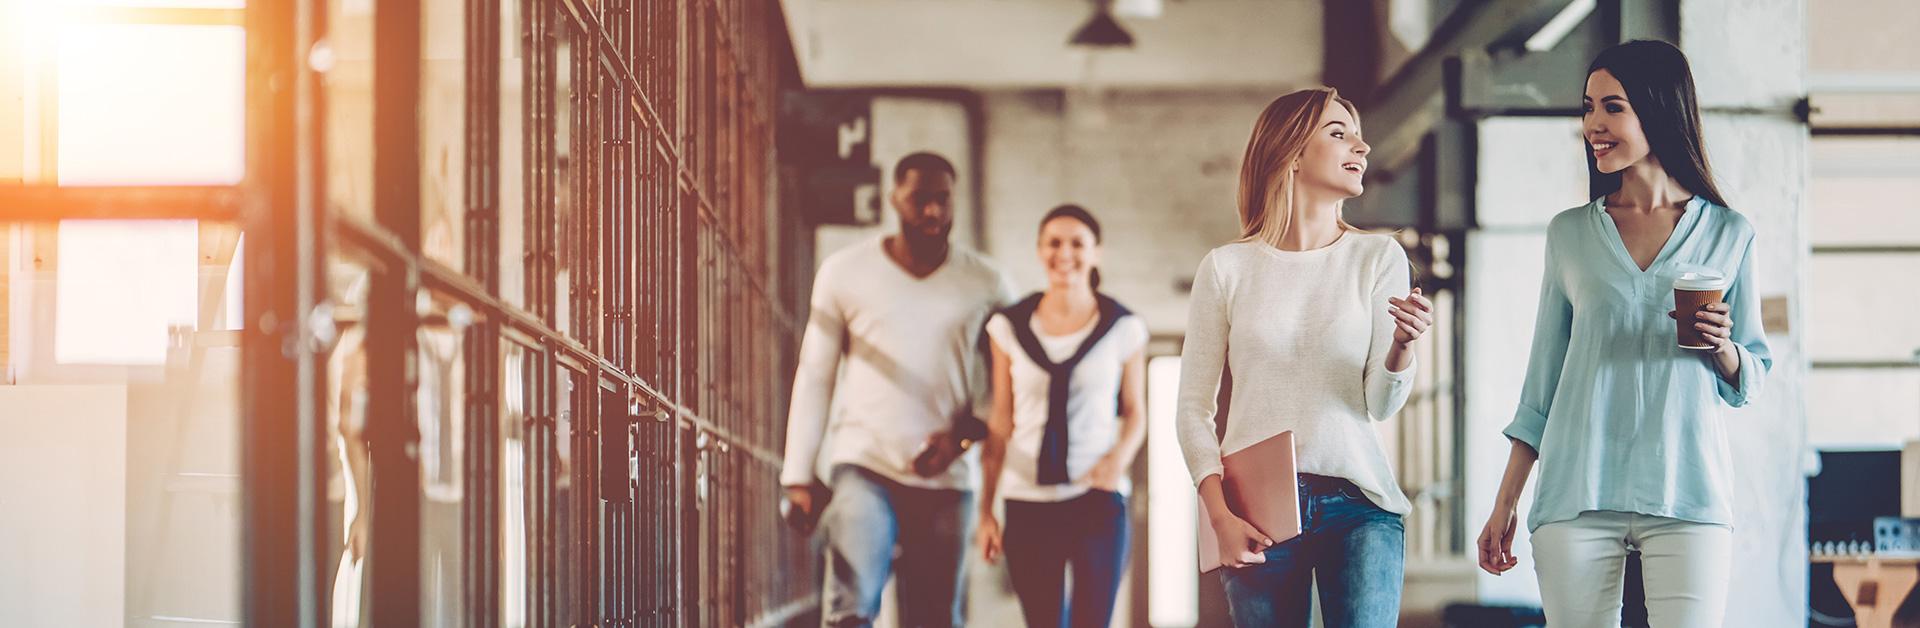 Recrutamento e Seleção em pequenas empresas: 3 desafios comuns - VAGAS for business